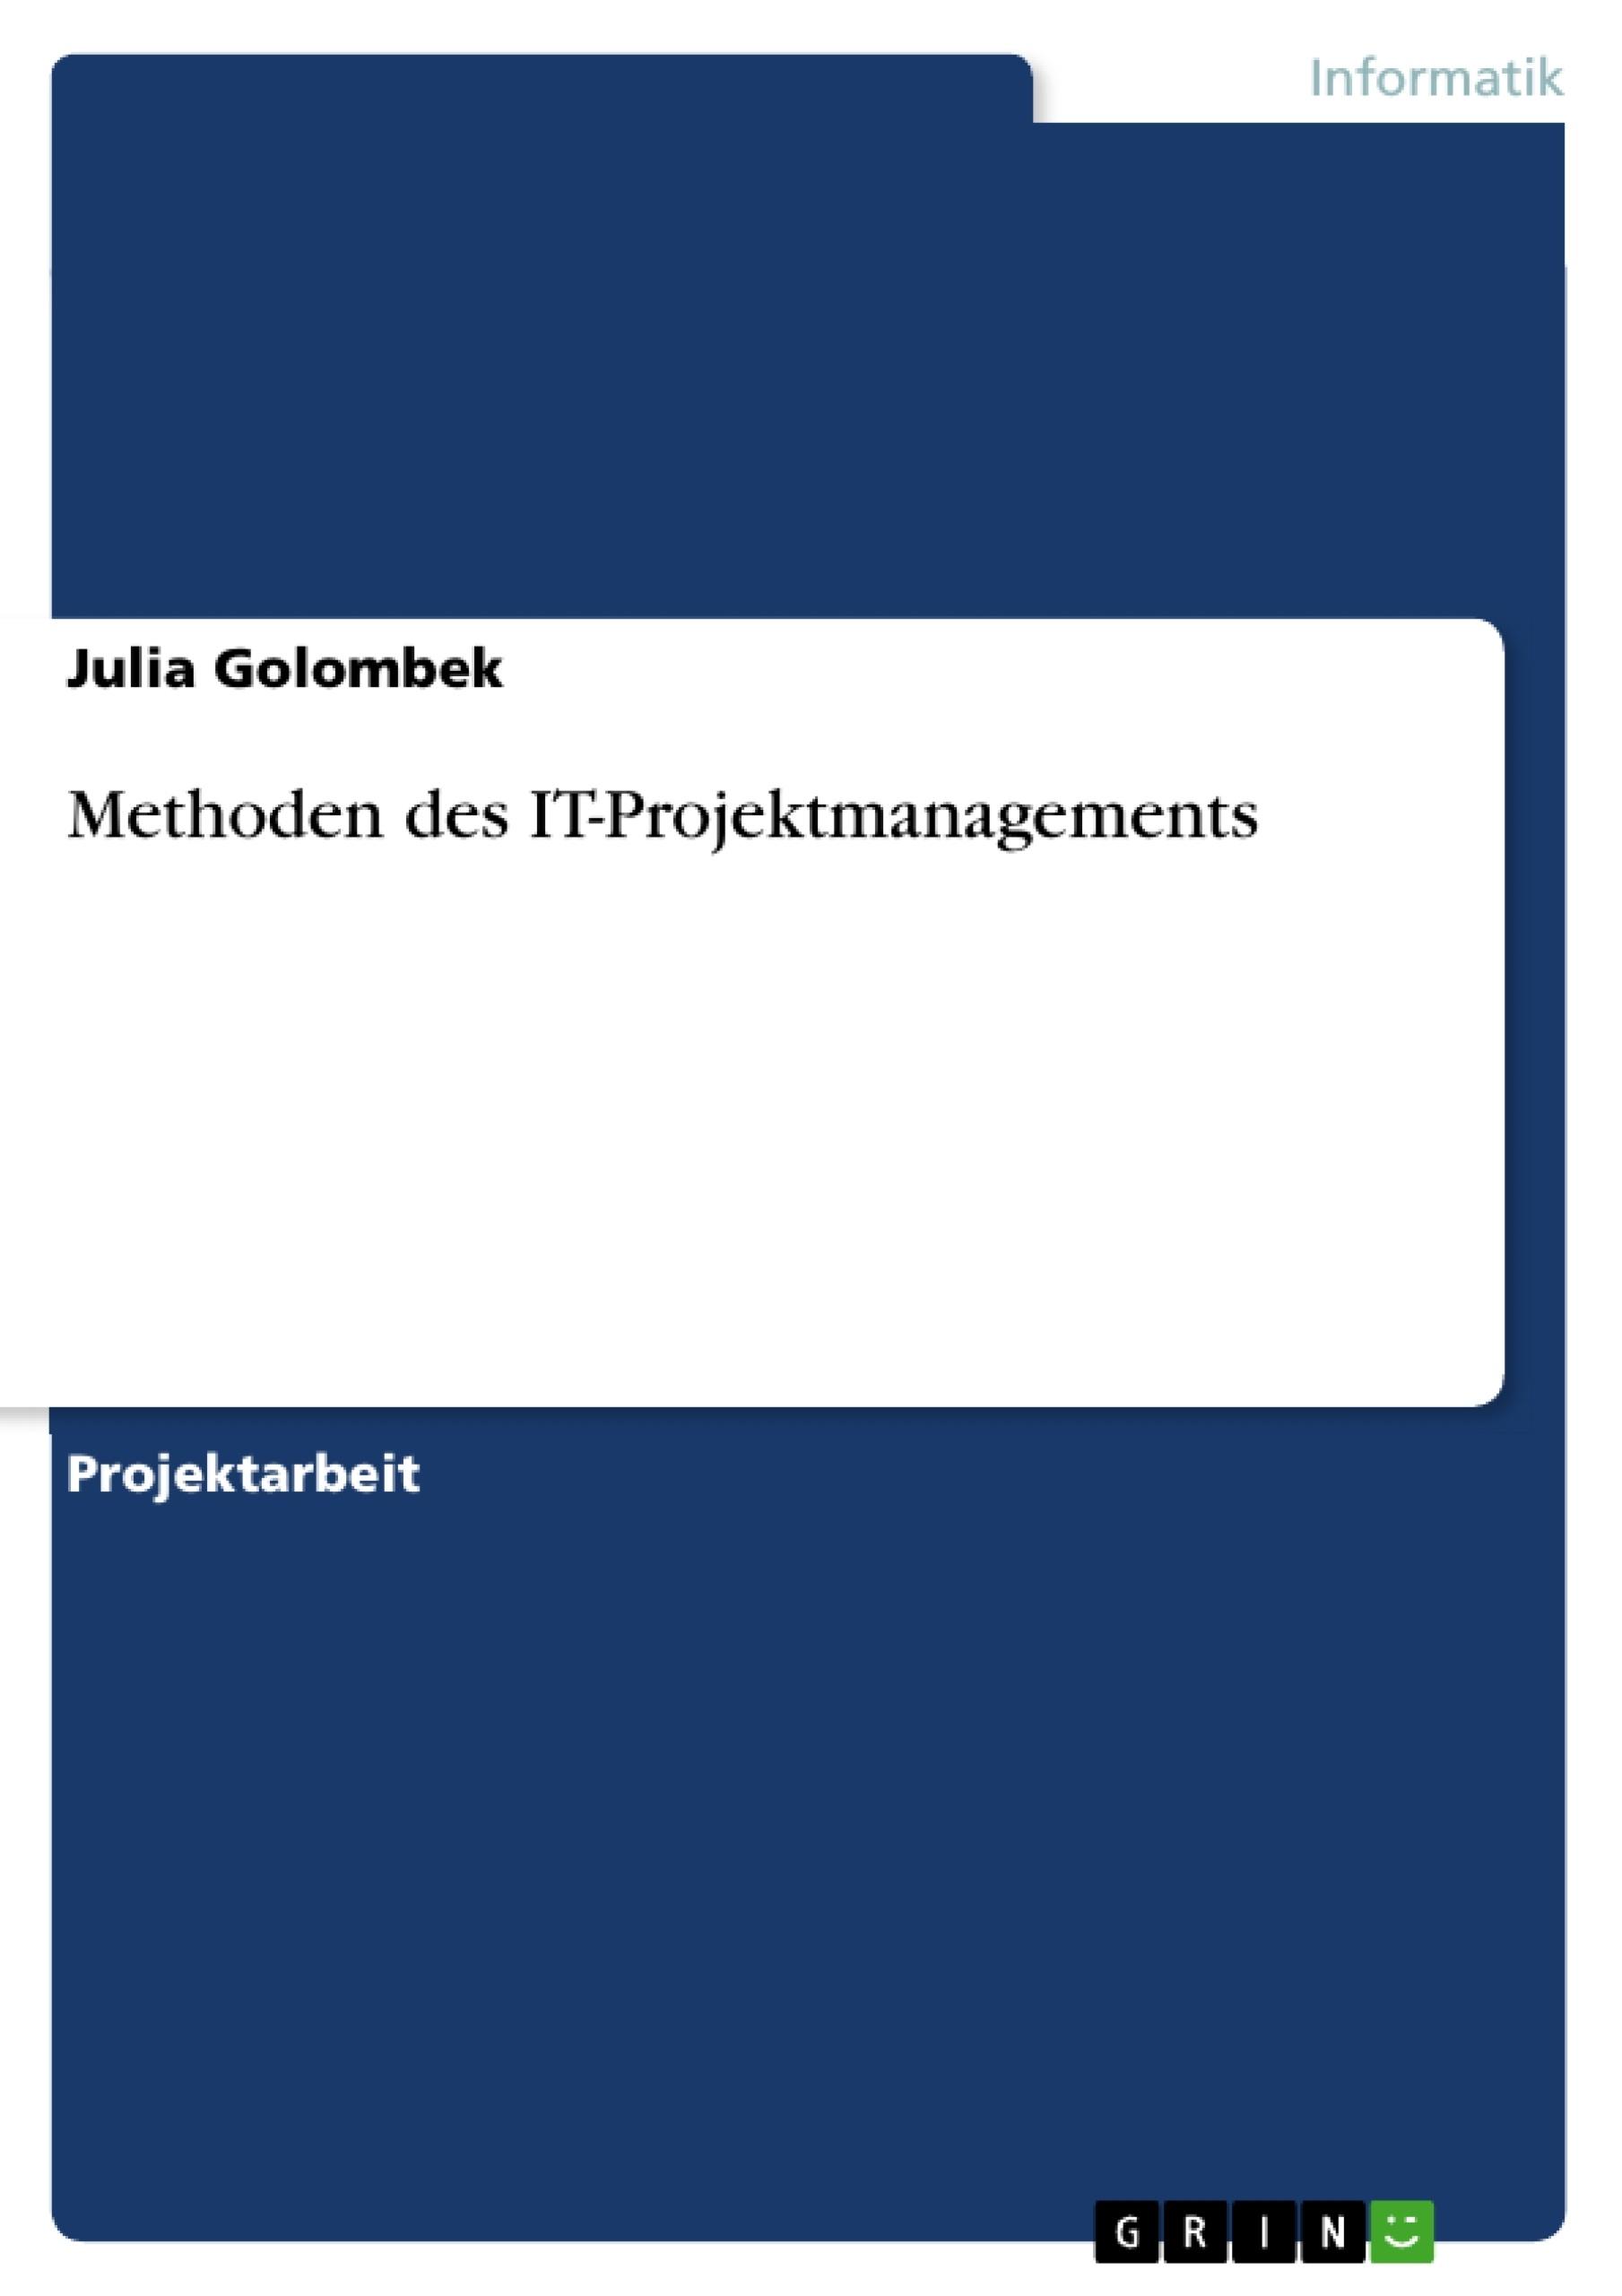 Titel: Methoden des IT-Projektmanagements